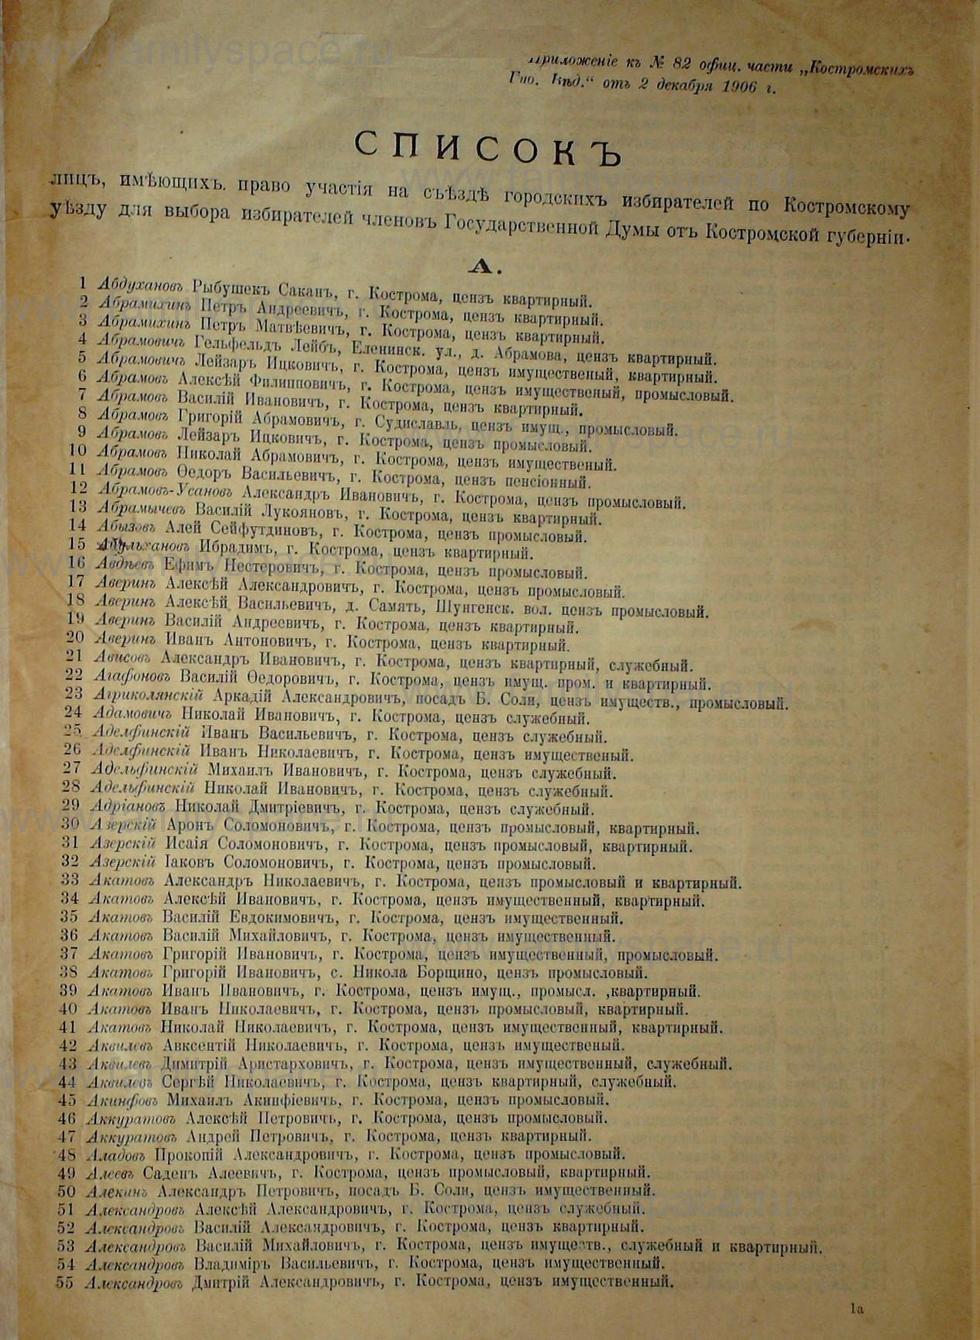 Поиск по фамилии - Список лиц, имеющих право участия на съезде городских избирателей по Костромскому уезду 1906г, страница 1